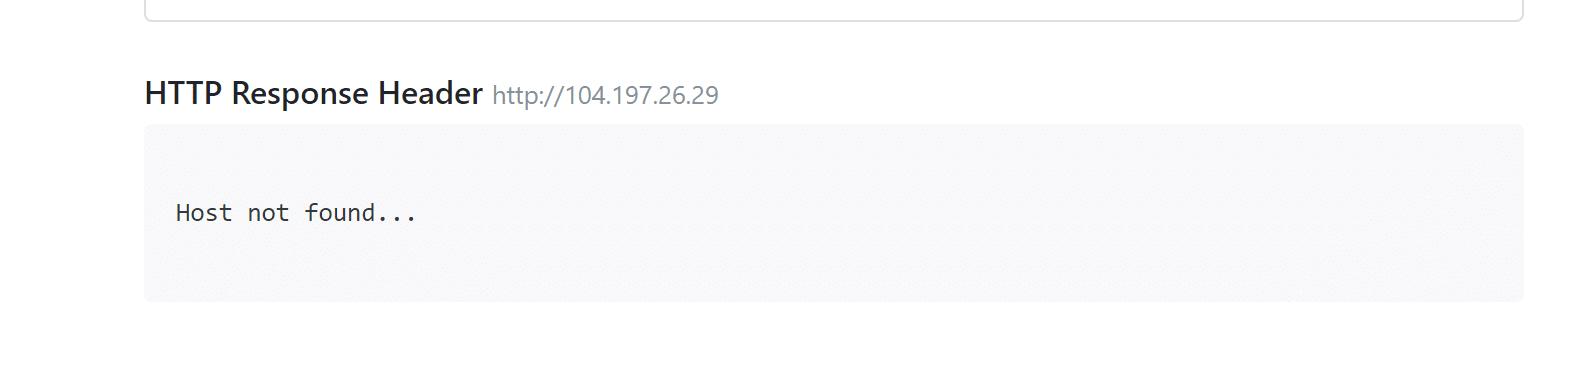 Um exemplo de um problema com o seu servidor